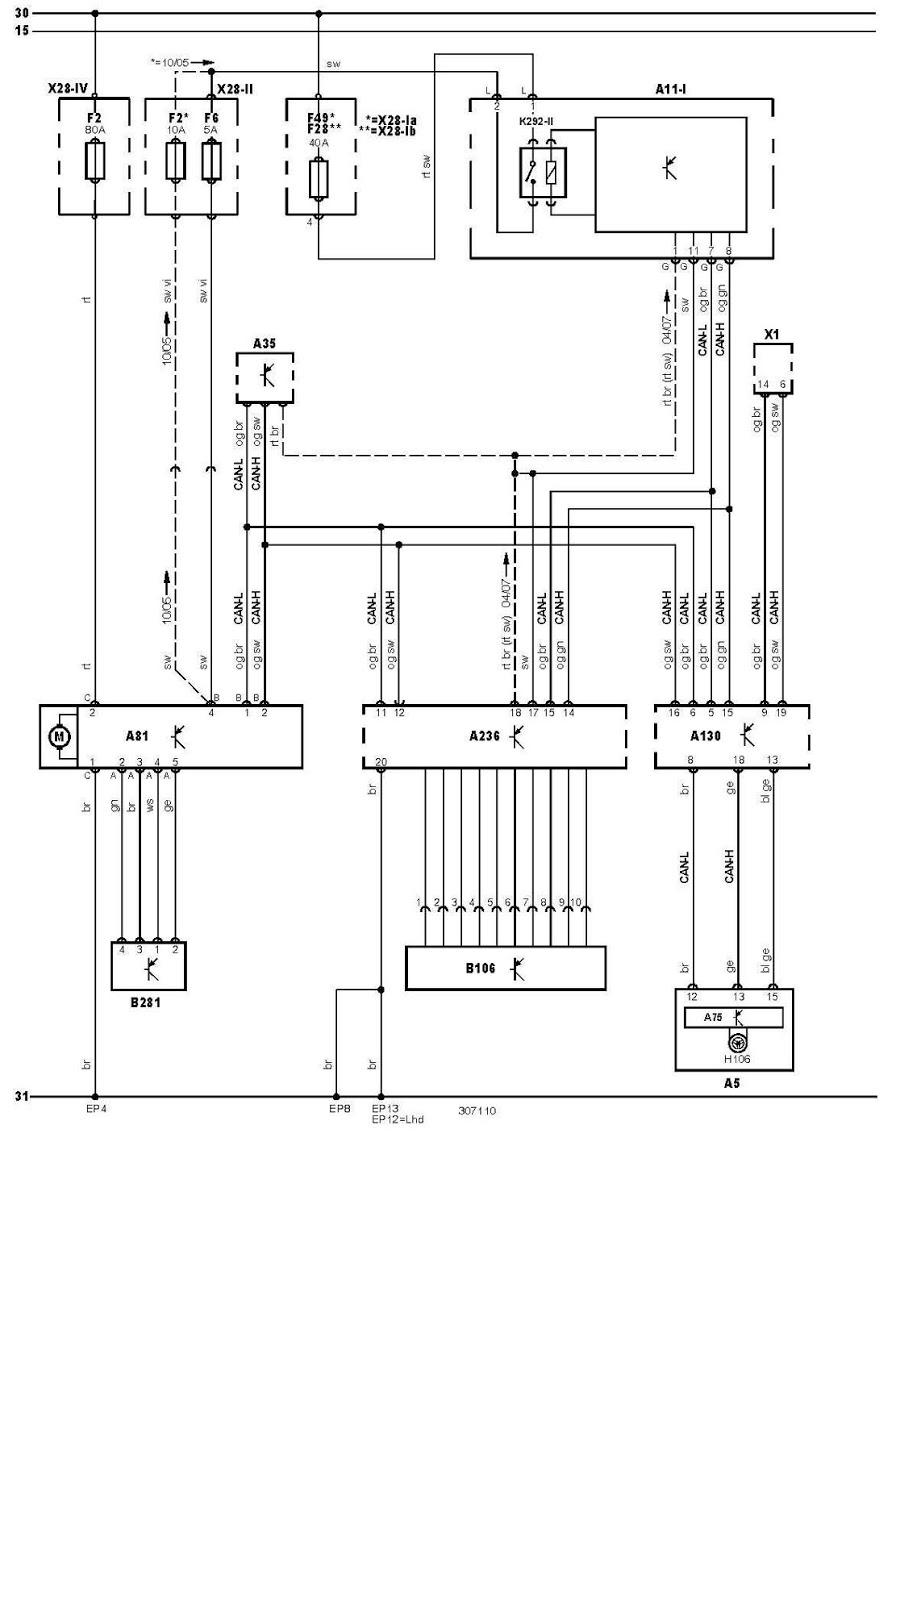 2014 jetta fuse panel diagram